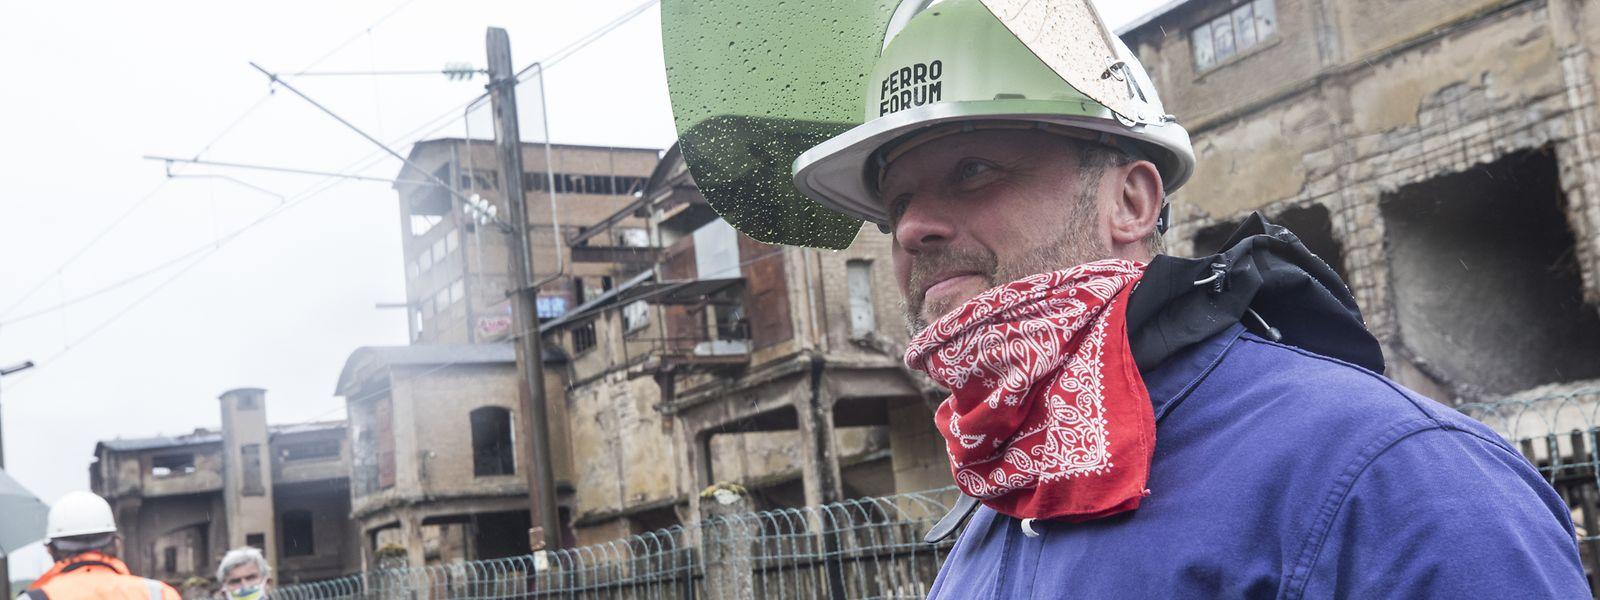 Masque de protection classique ou industriel sur la tête, une quinzaine de personnes sont venues manifester malgré la pandémie.